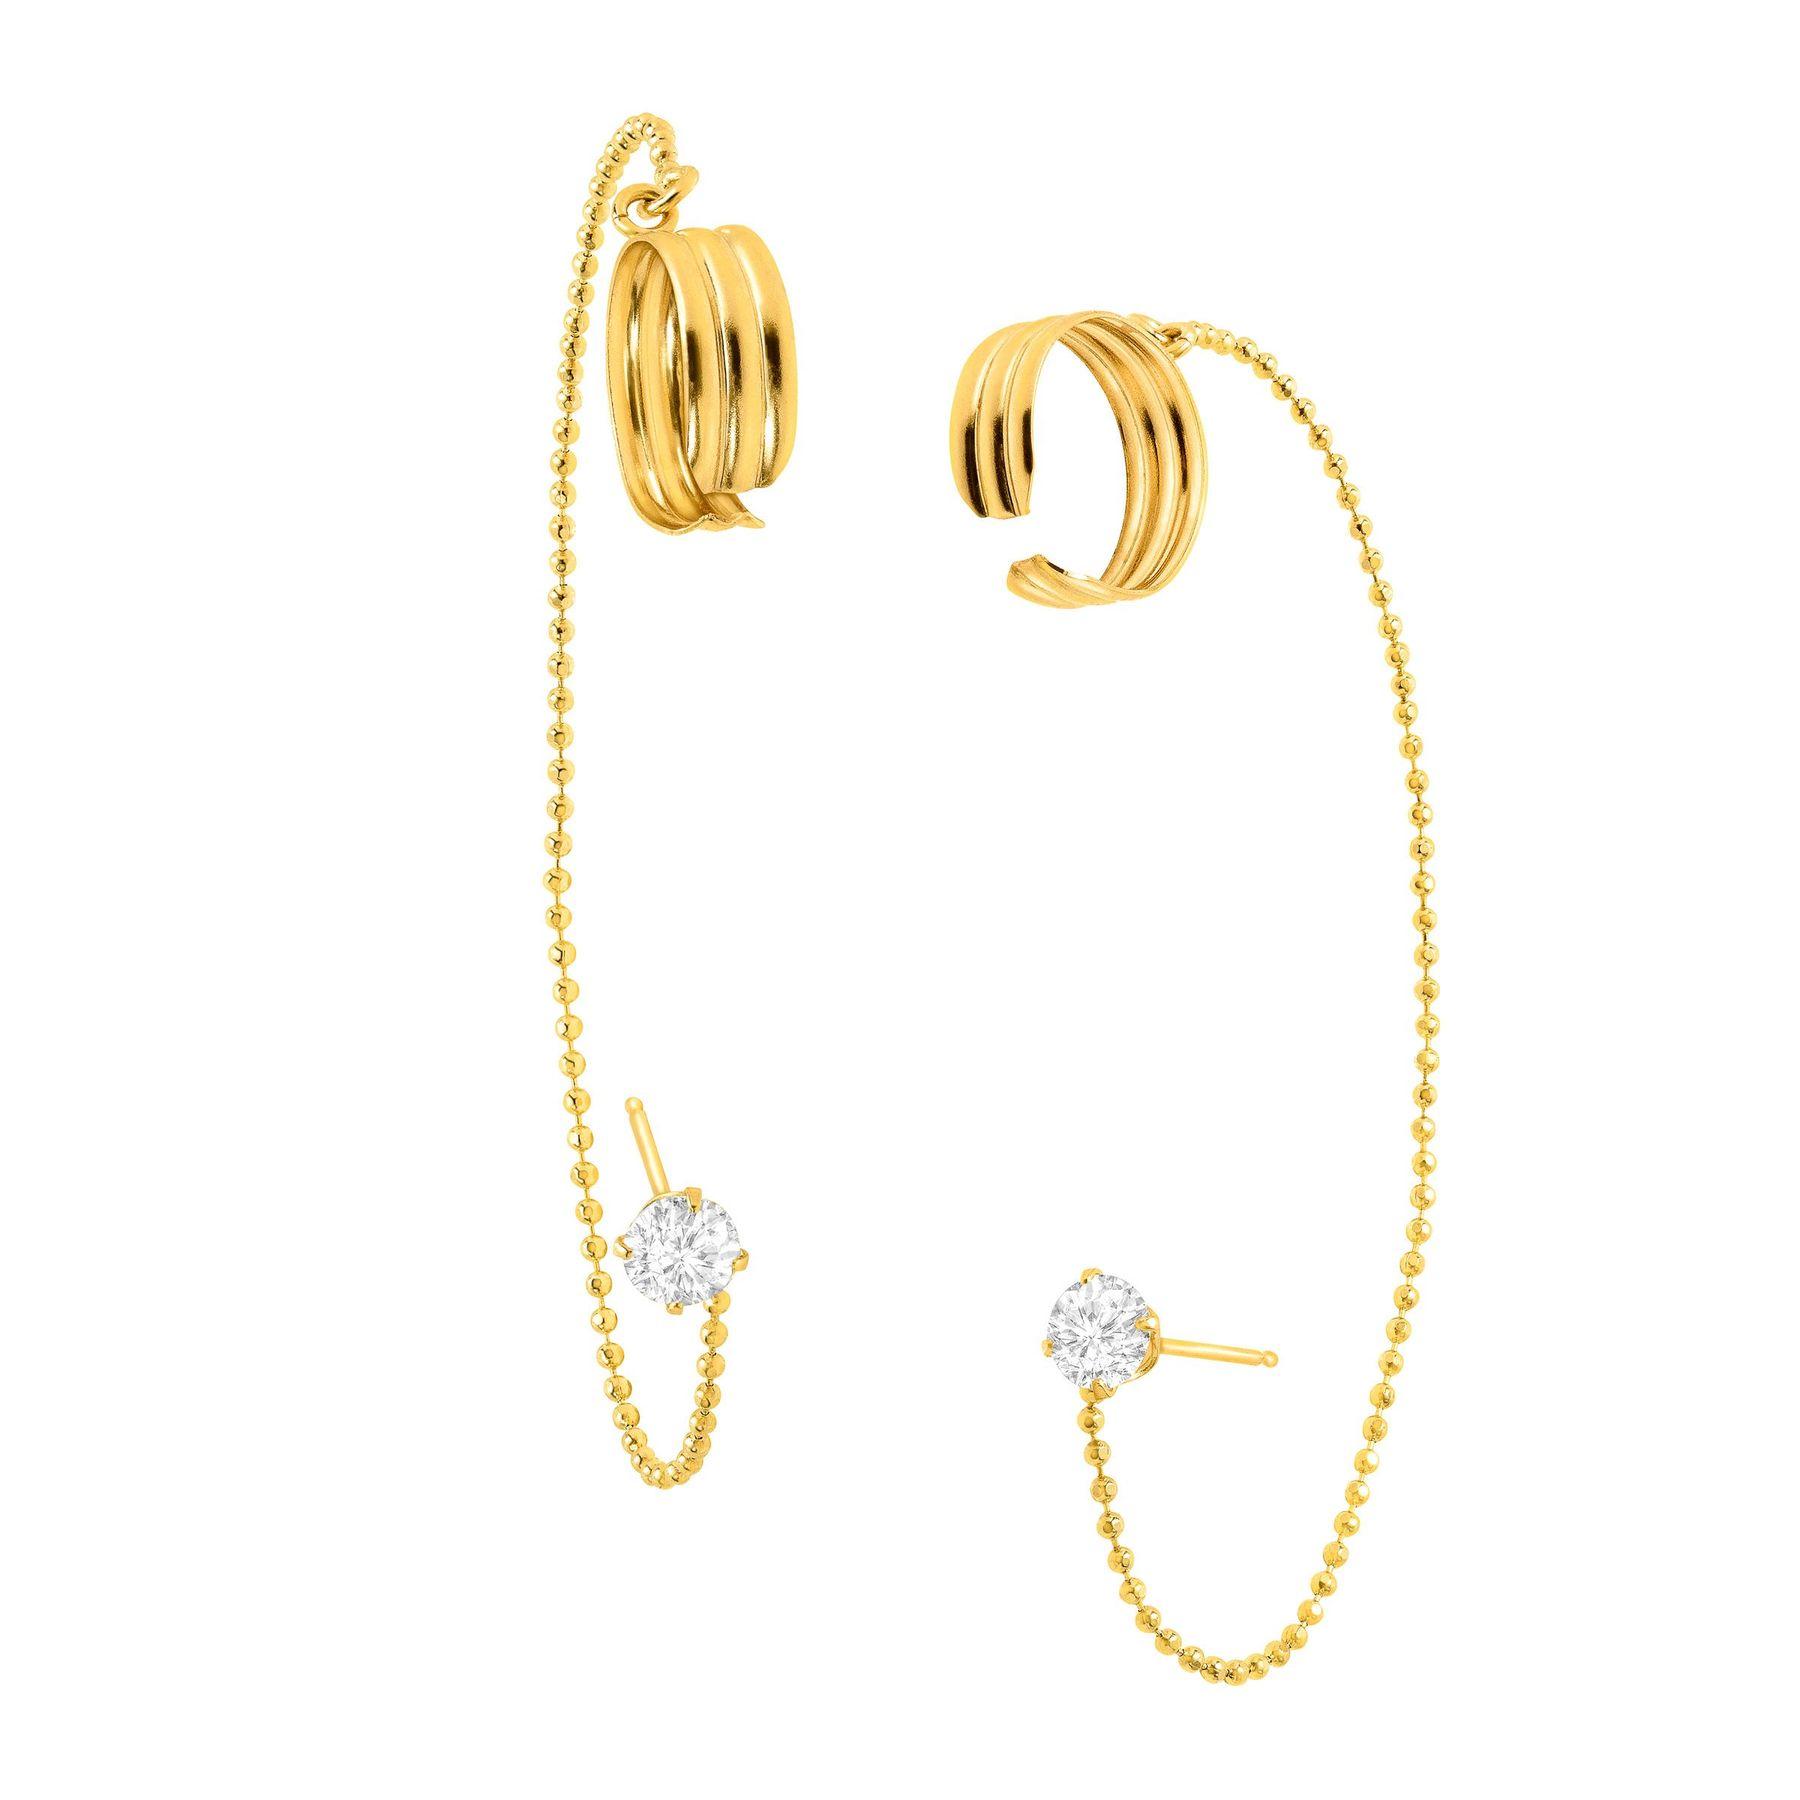 Eternity Gold Cubic Zirconia Cuff Earrings In 10k